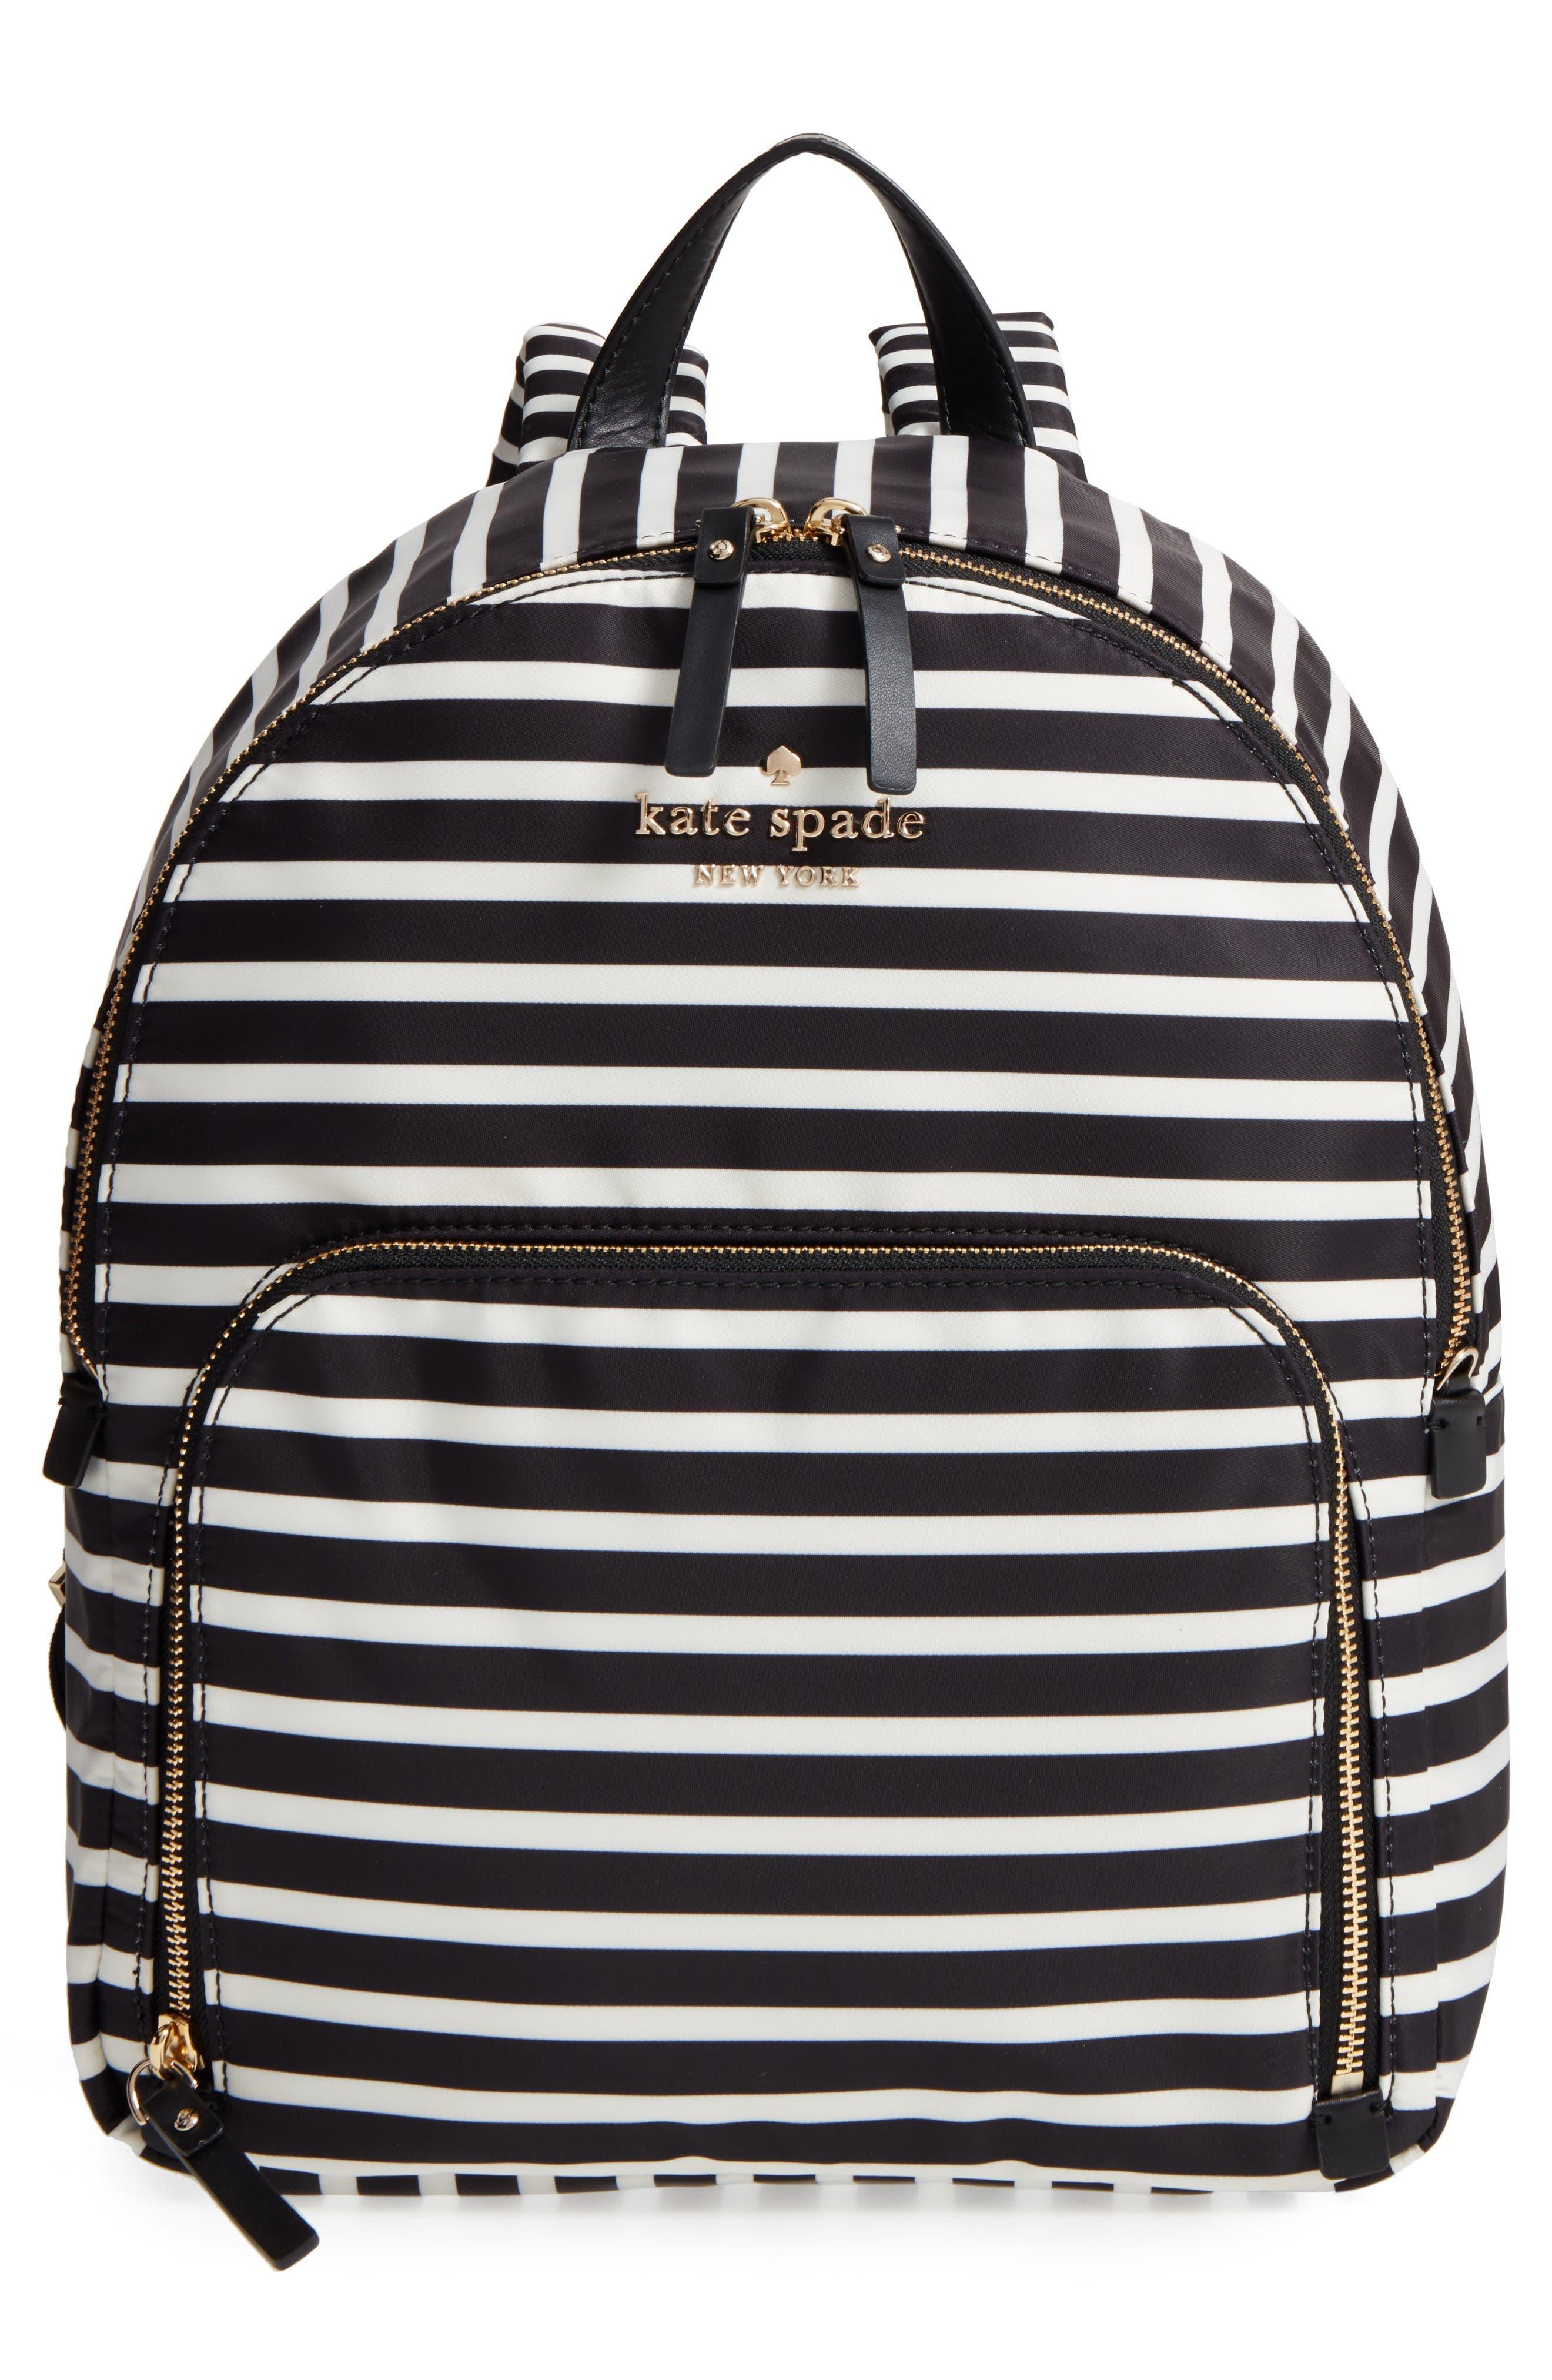 watson lane - hartley nylon backpack,                             Main thumbnail 1, color,                             Black/ Clotted Cream